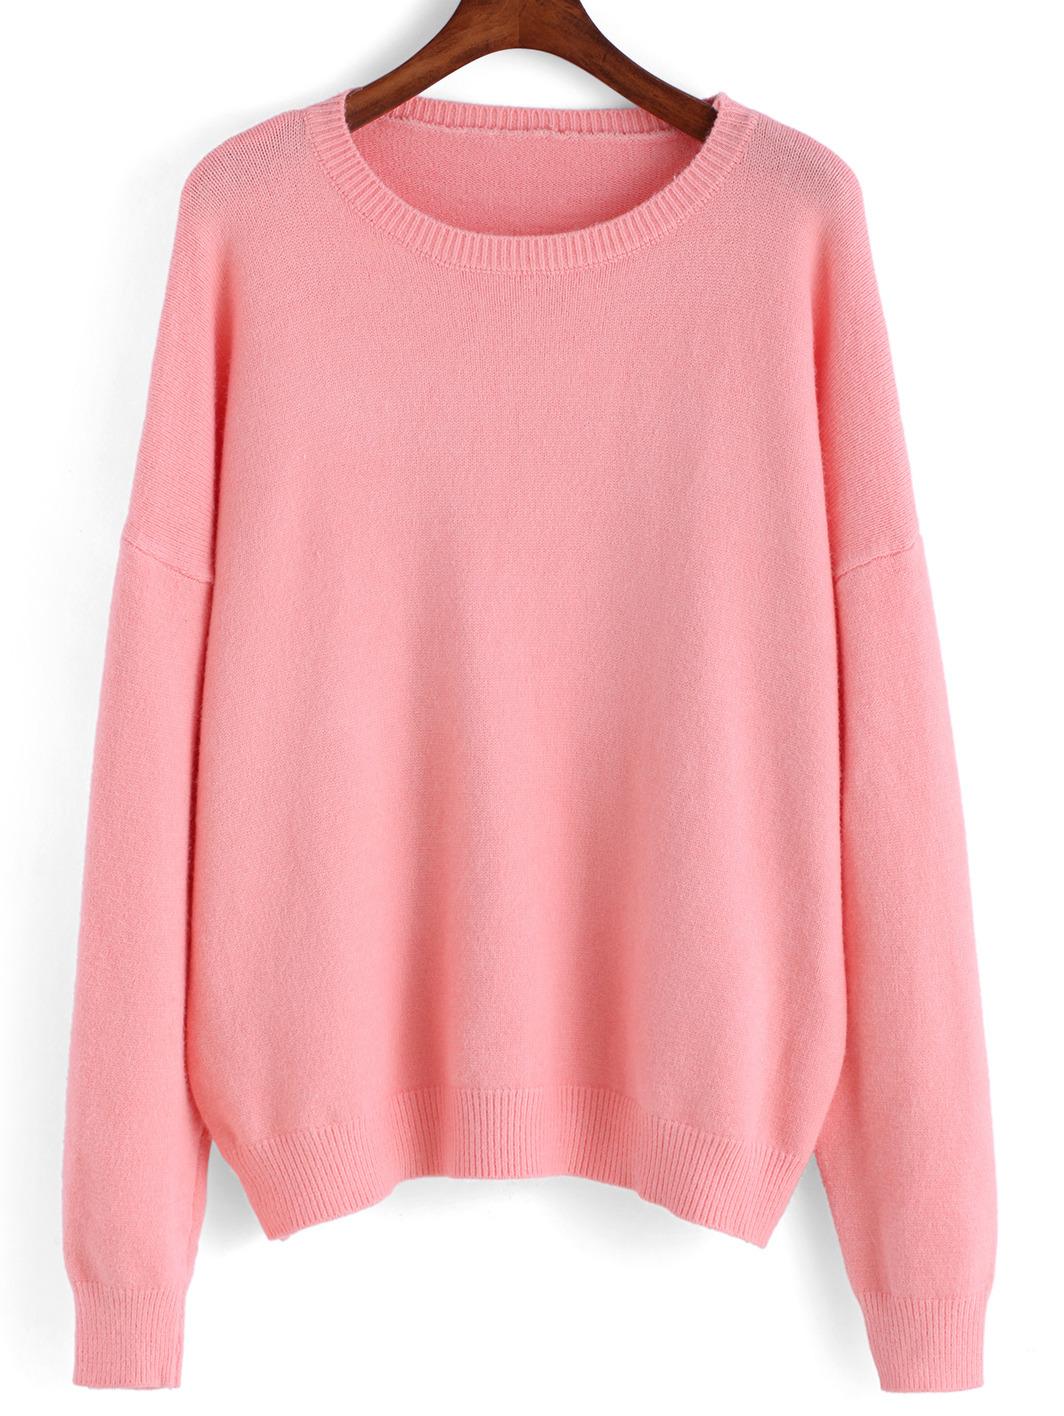 pink sweater filename: 1440054759673730826.jpg nbpifkq